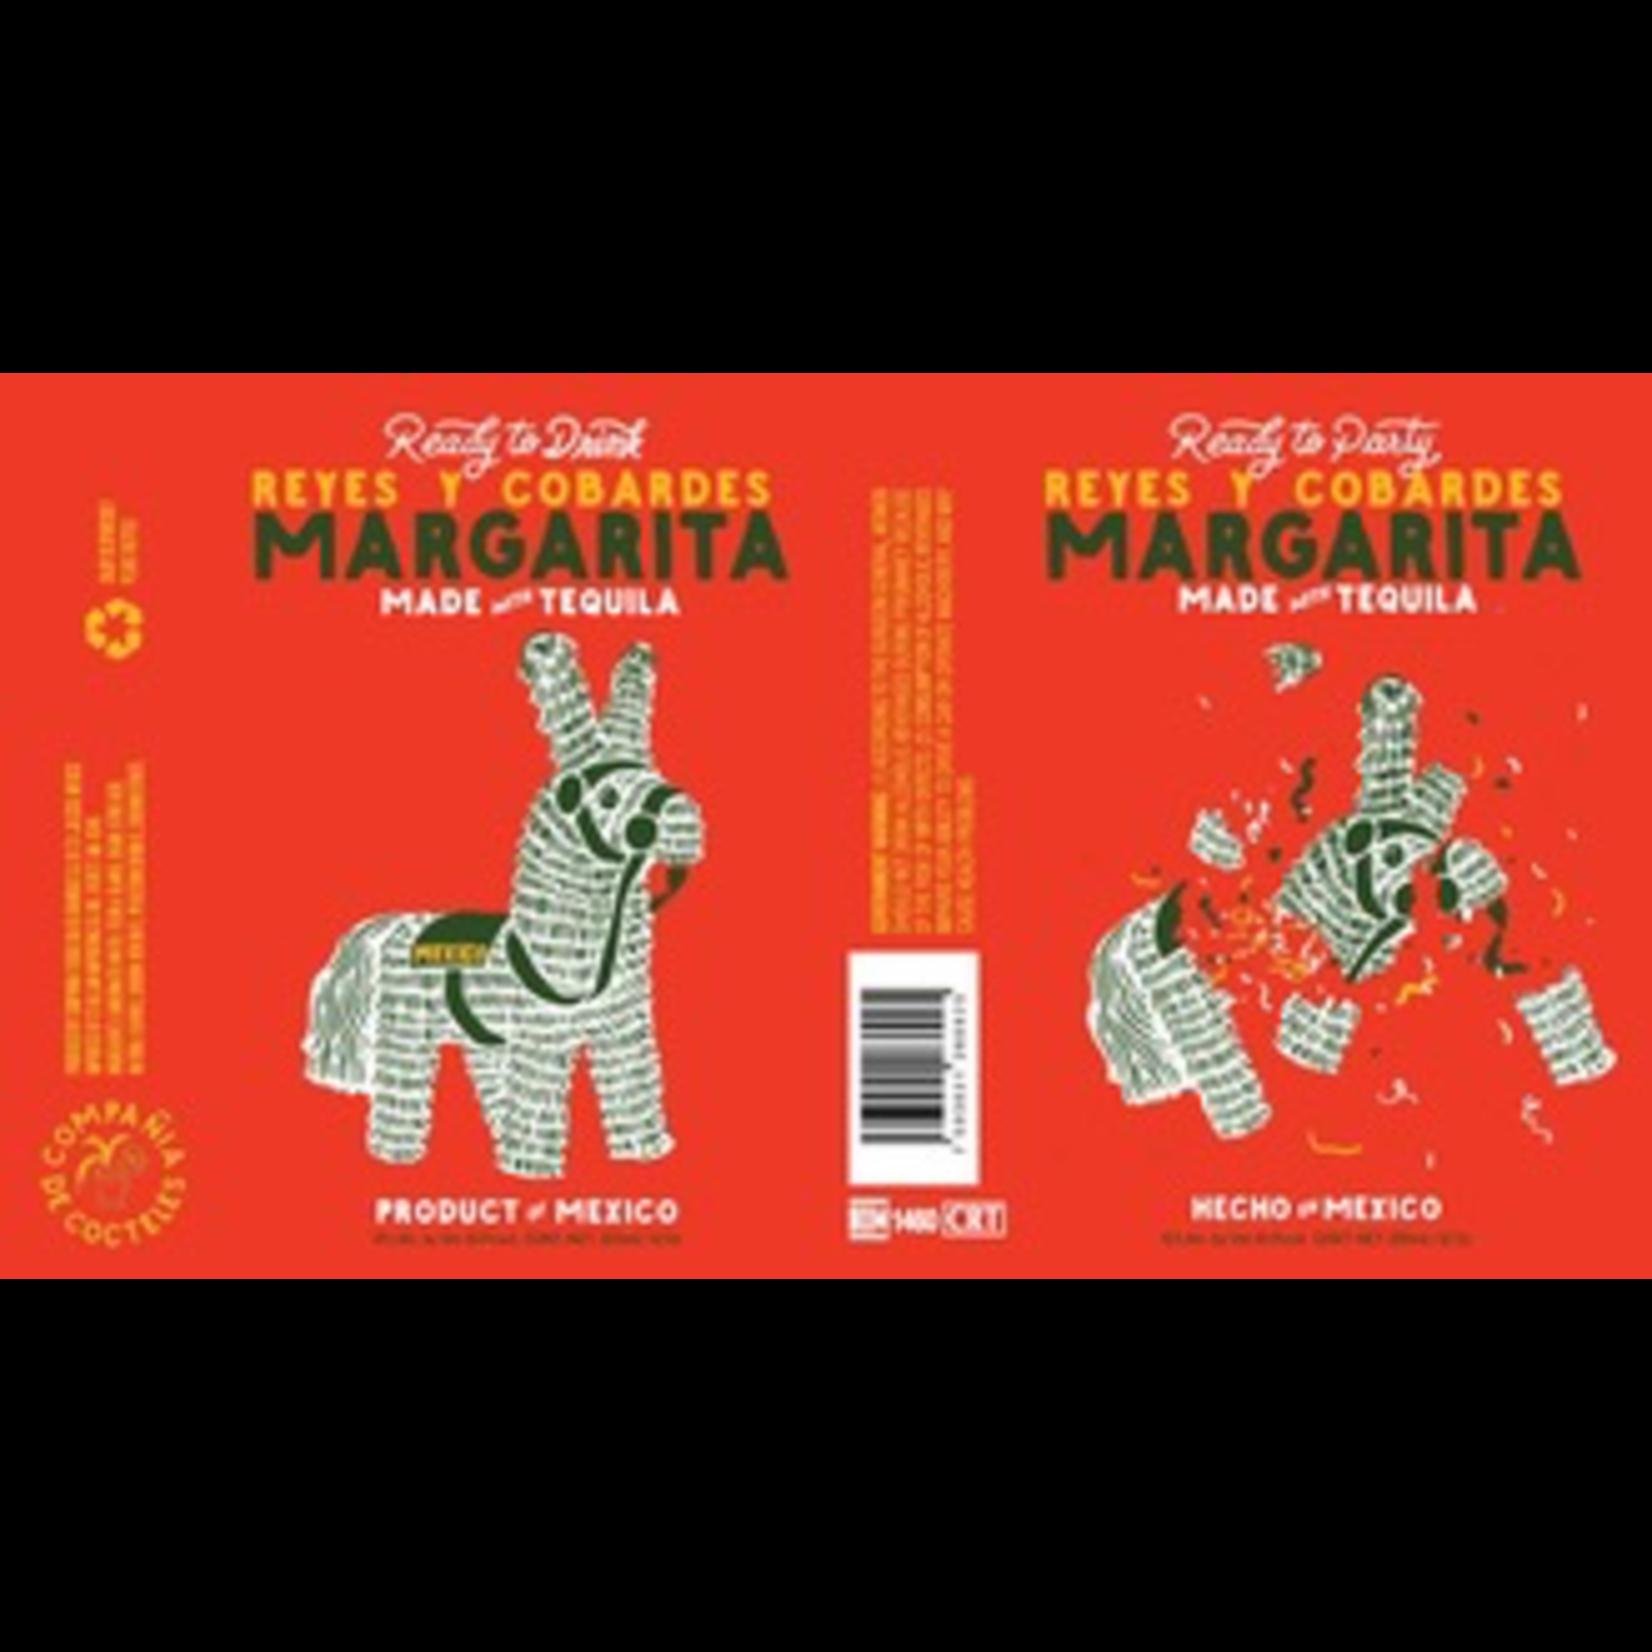 Spirits Reyes Y Cobardes Margarita Can 355ml